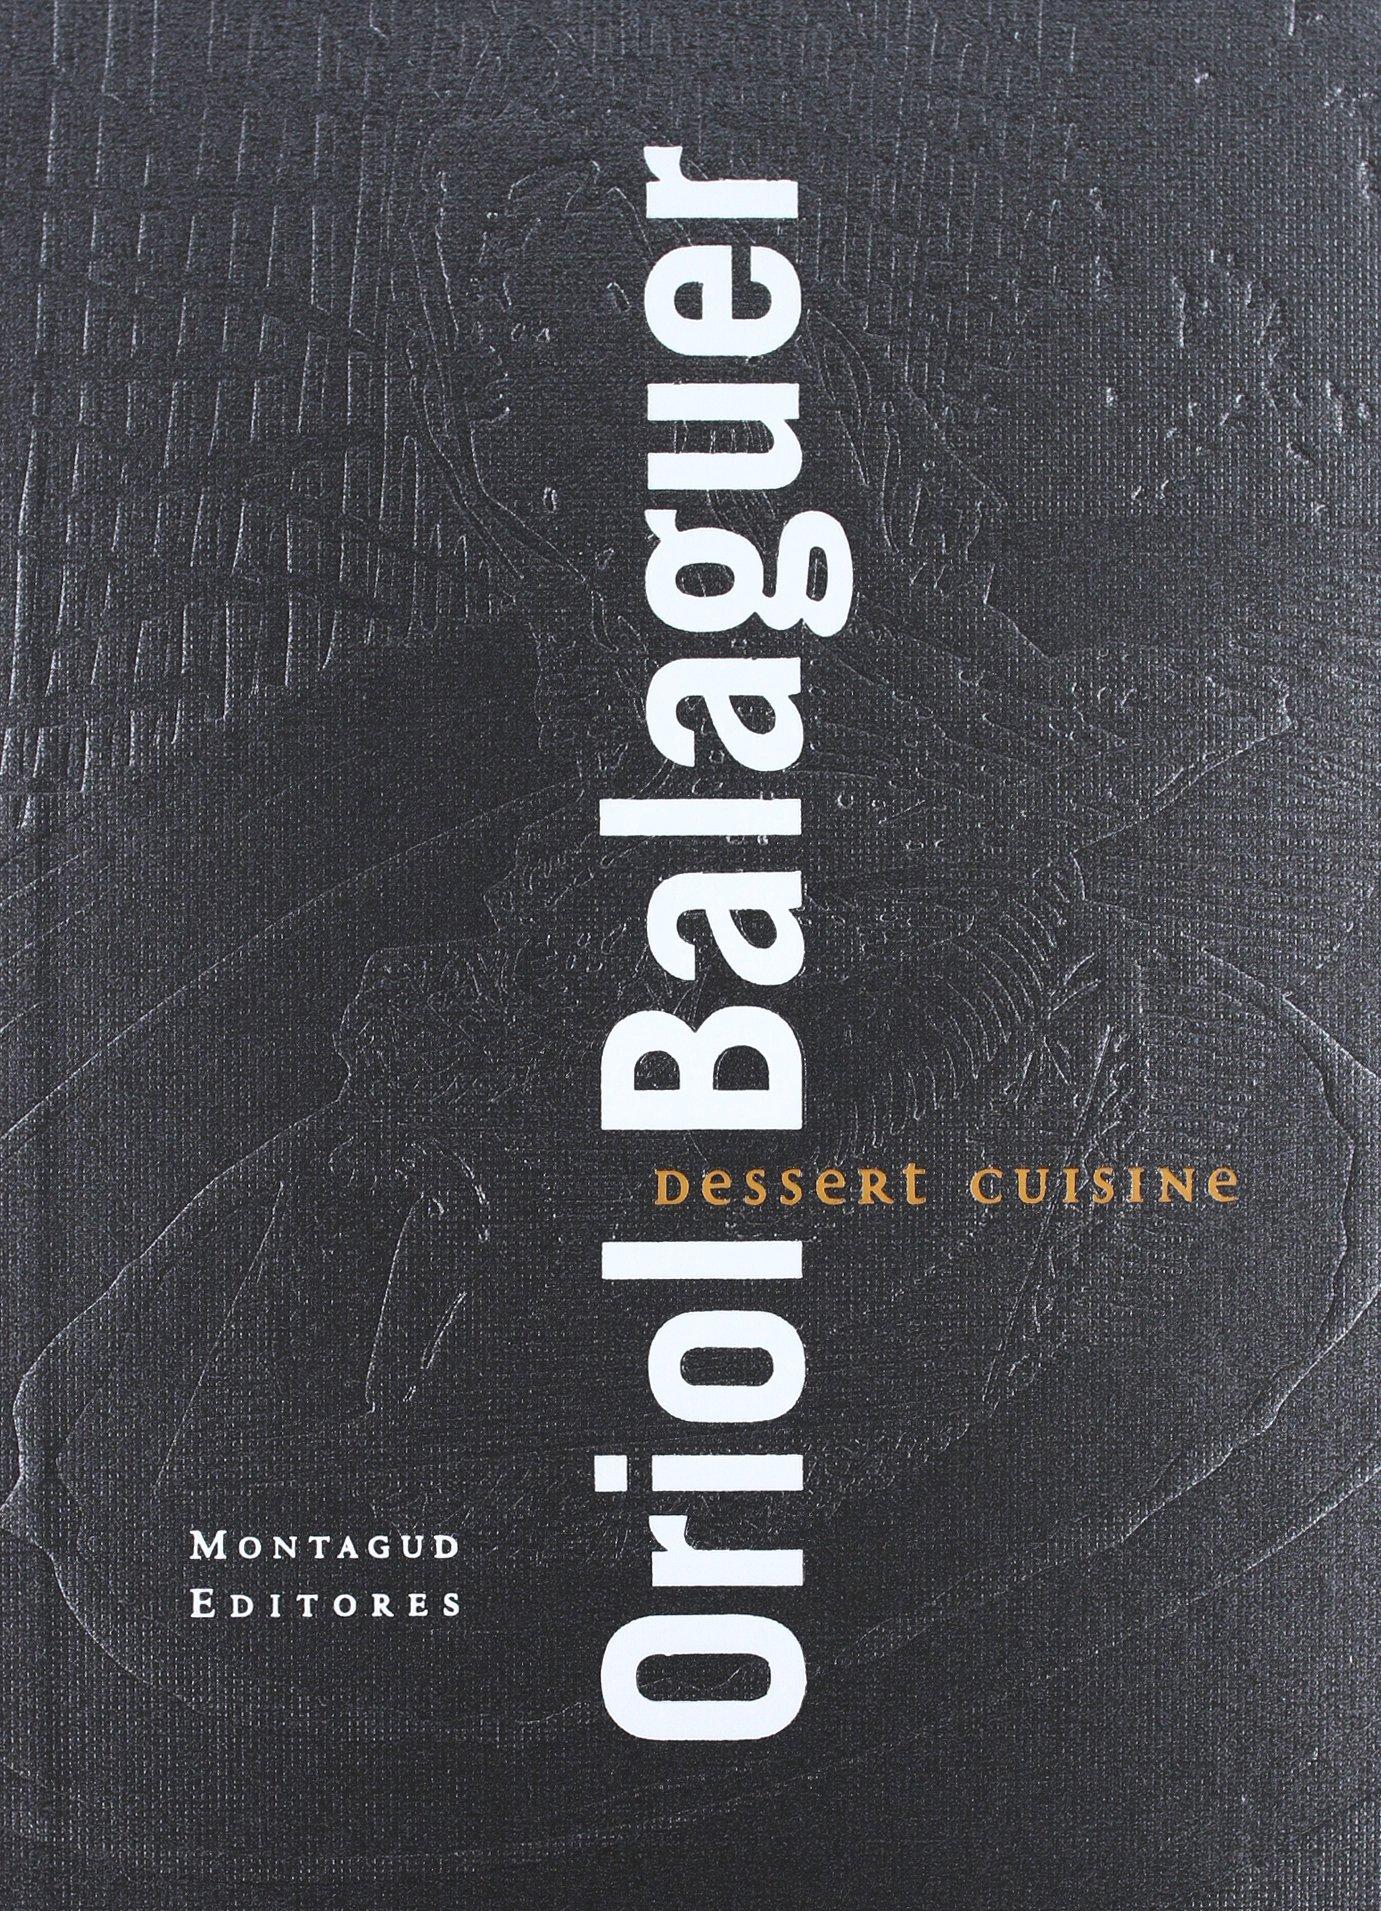 Dessert Cuisine by Montagud Editores